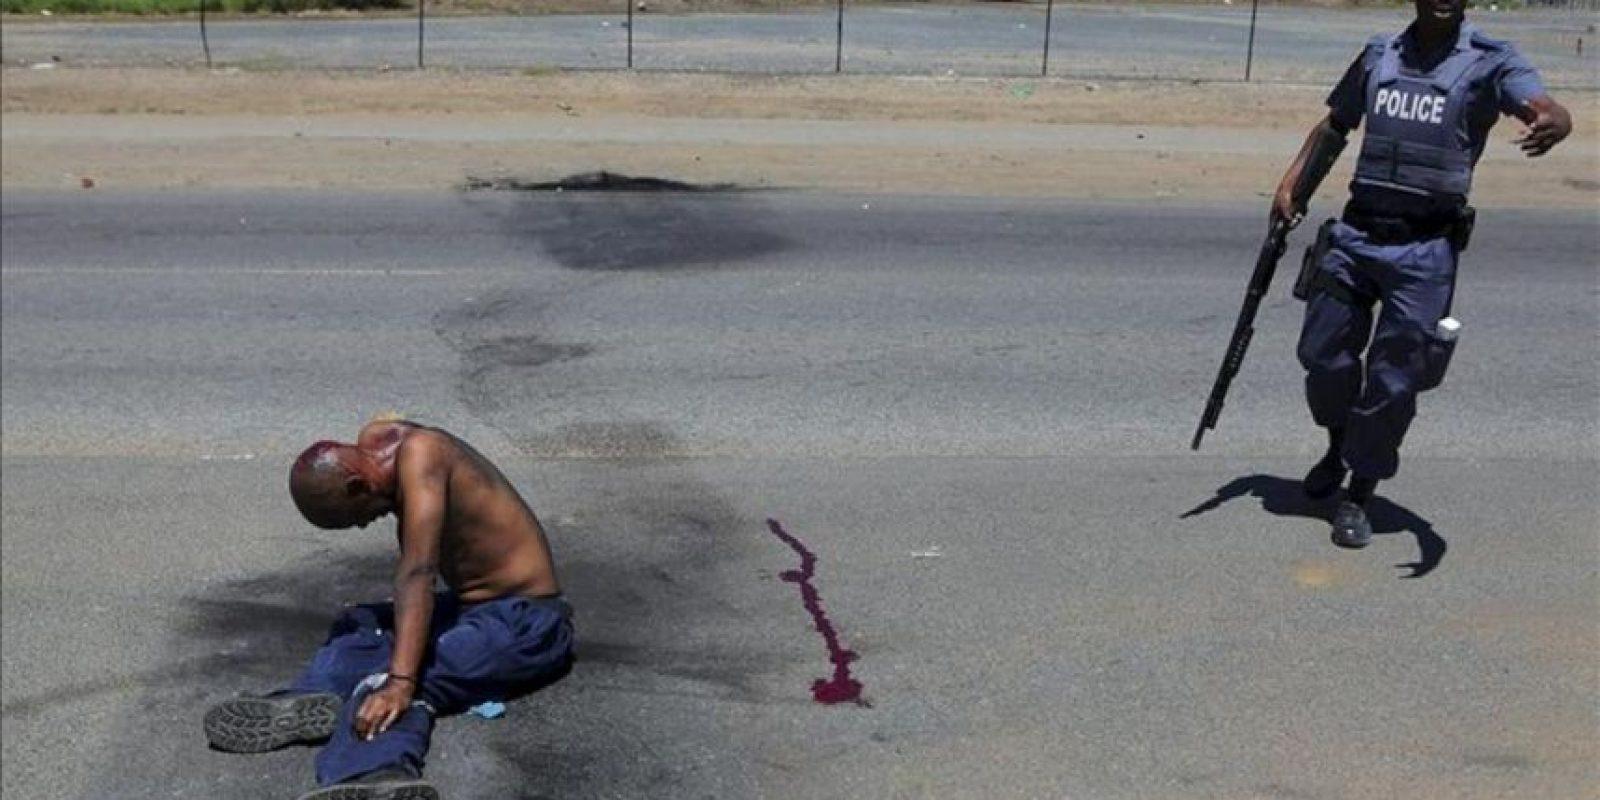 Fotografía facilitada hoy que muestra a un manifestante herido después de que agentes de policía sudafricanos dispararan balas de goma durante el tercer día de enfrentamientos por la obtención de servicios básicos en Sasolburg, Sudáfrica, ayer, 22 de enero. EFE